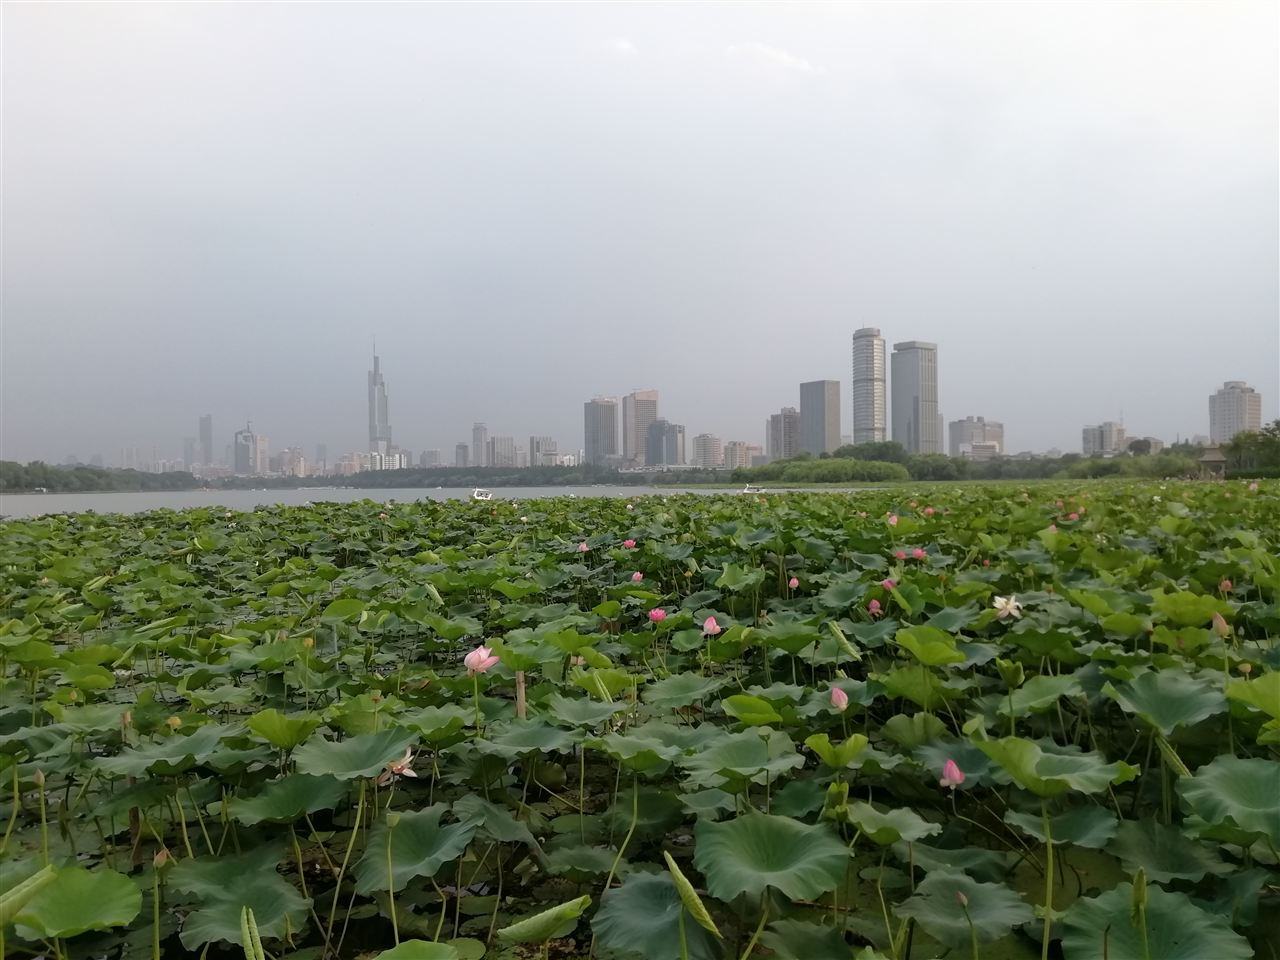 环境监测领域拓宽 生态监测护三江源环境安全